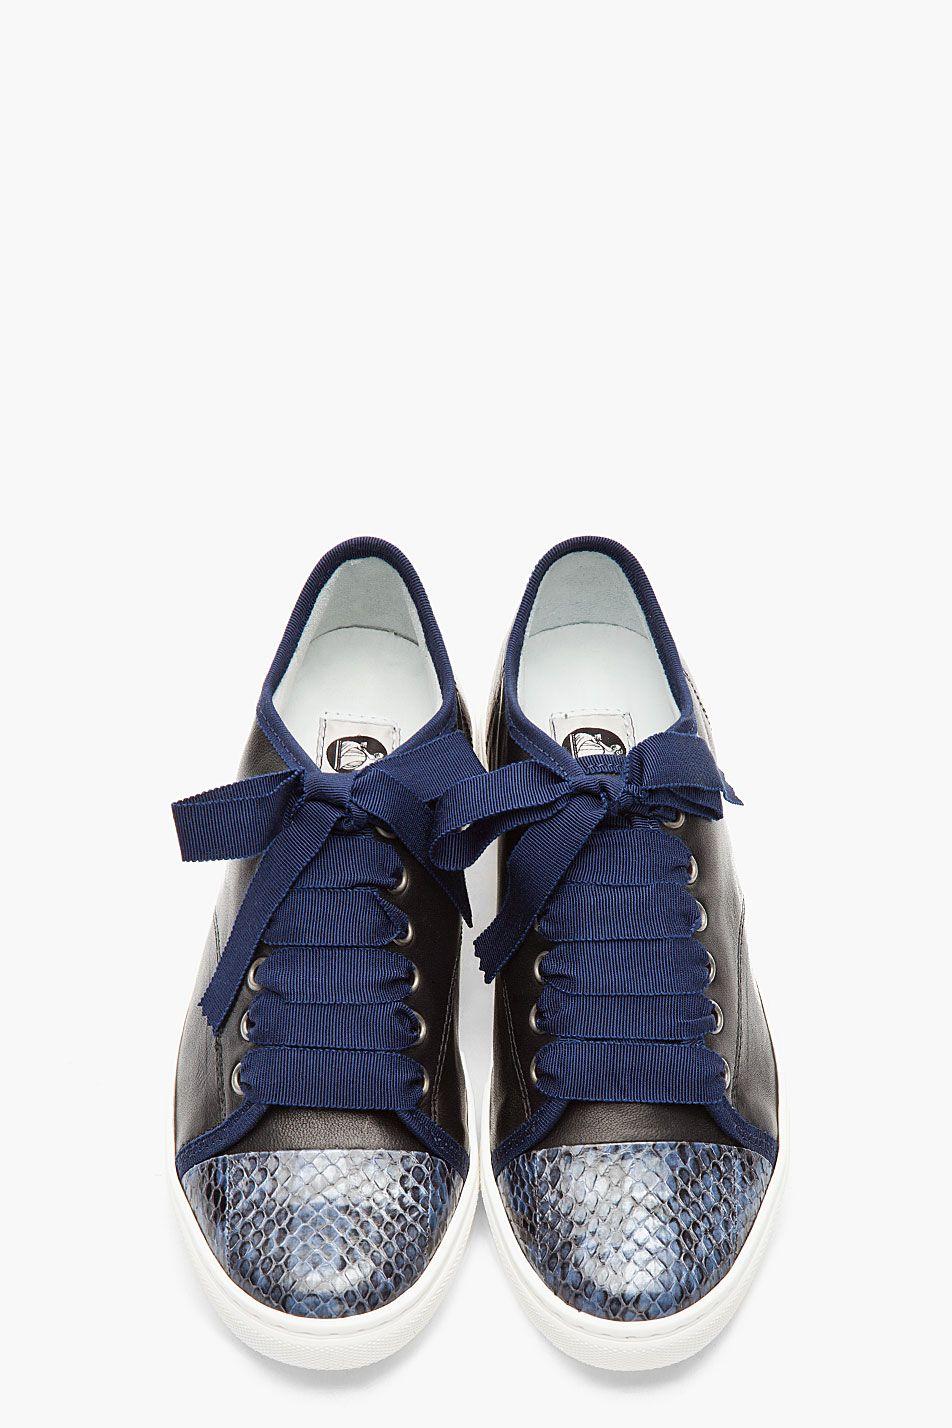 LANVIN Sneakers Dark blue Women